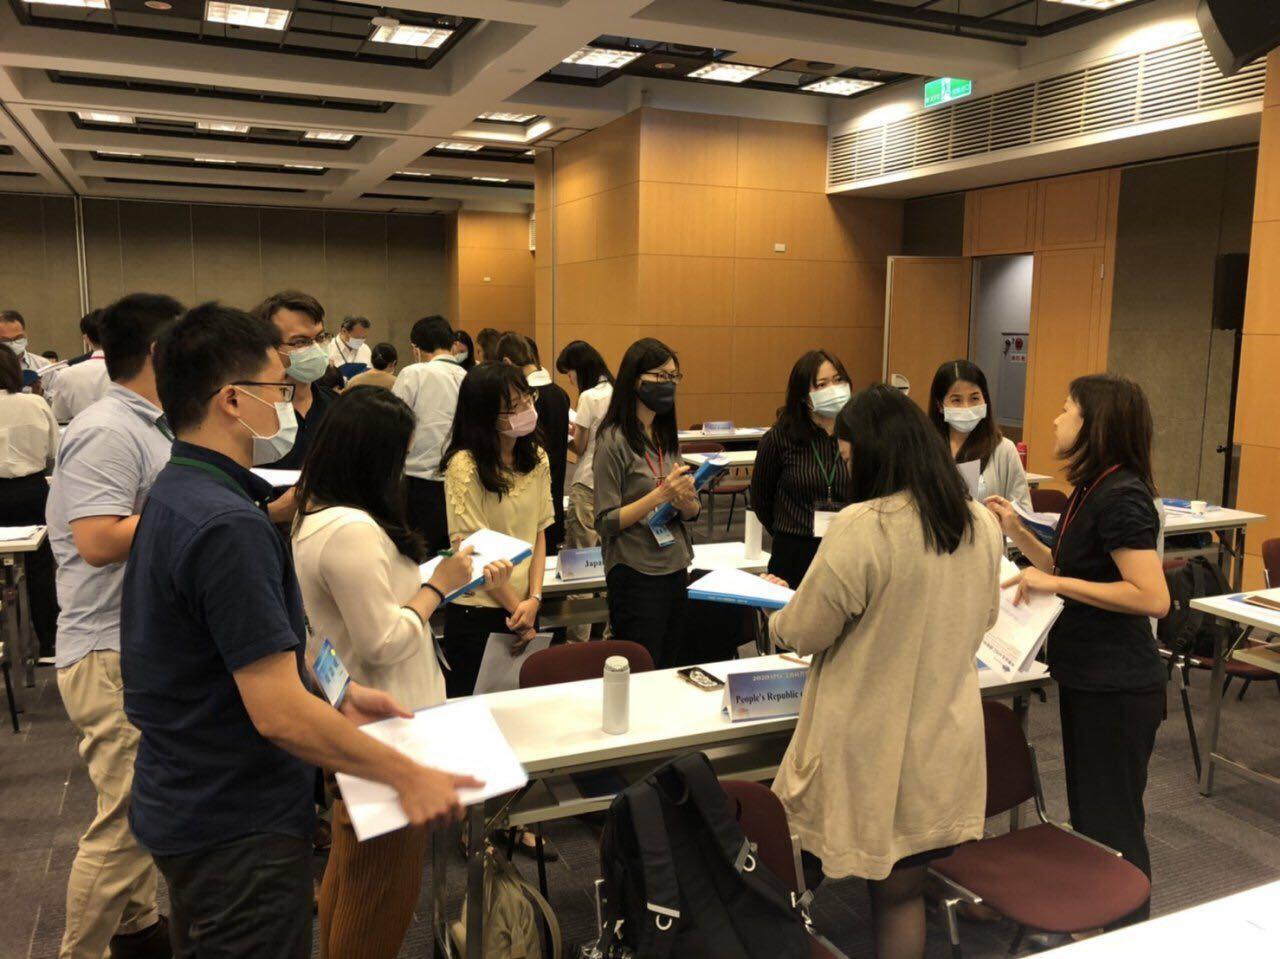 圖說三:2020年APEC業務研習營參訓學員模擬APEC資深官員會議.jpg